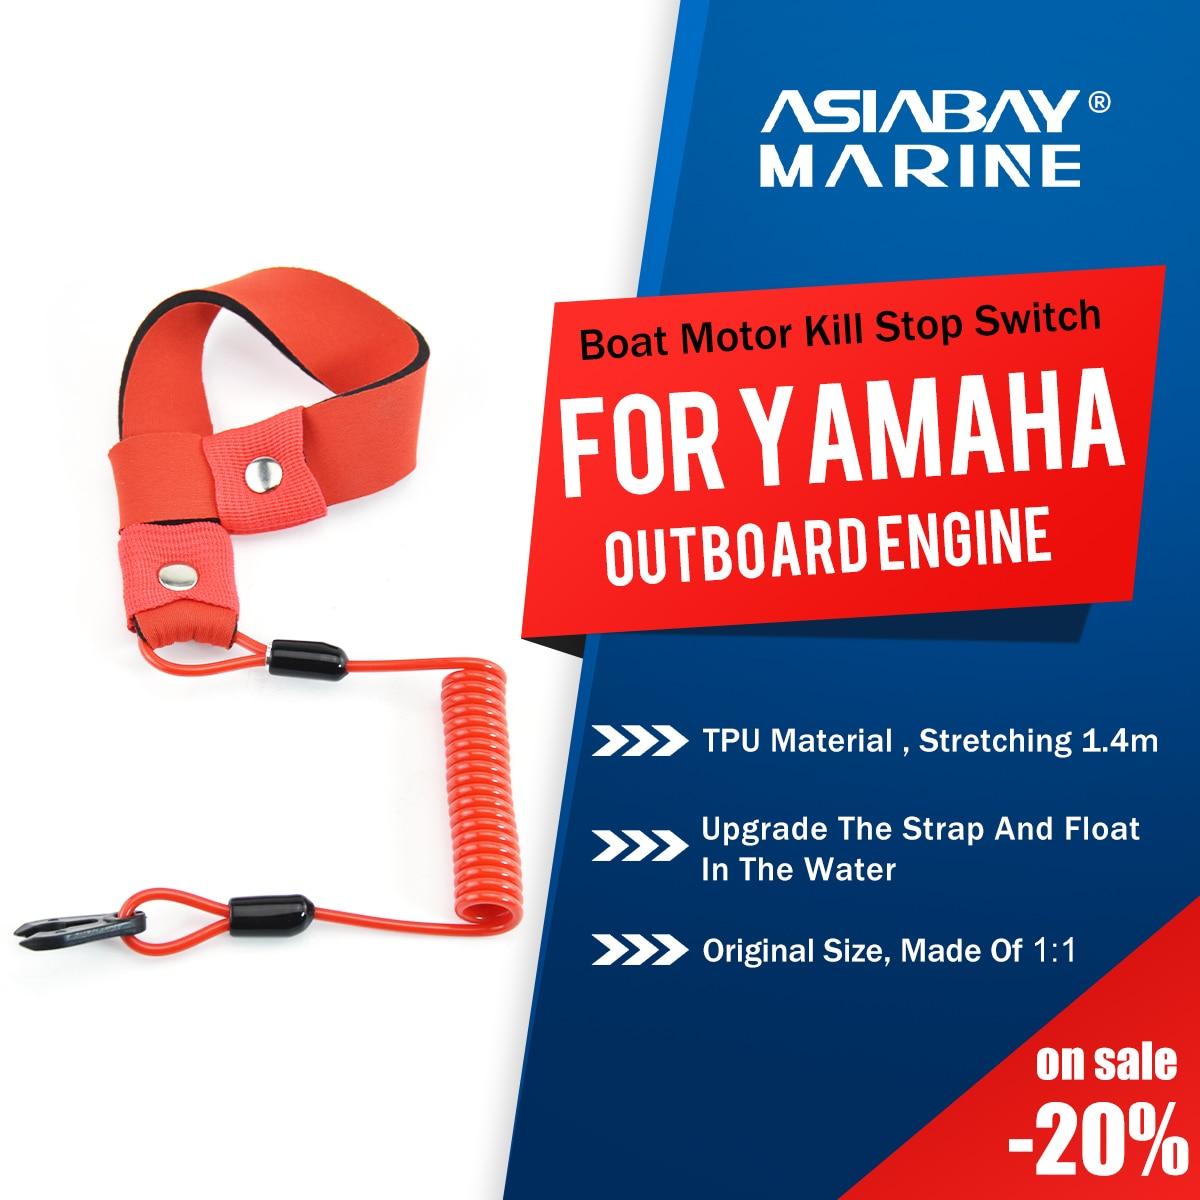 Yamaha, морской подвесной двигатель, лодочный двигатель, стоп-переключатель для 2-425hp, ремешок для ключей, страховочный трос